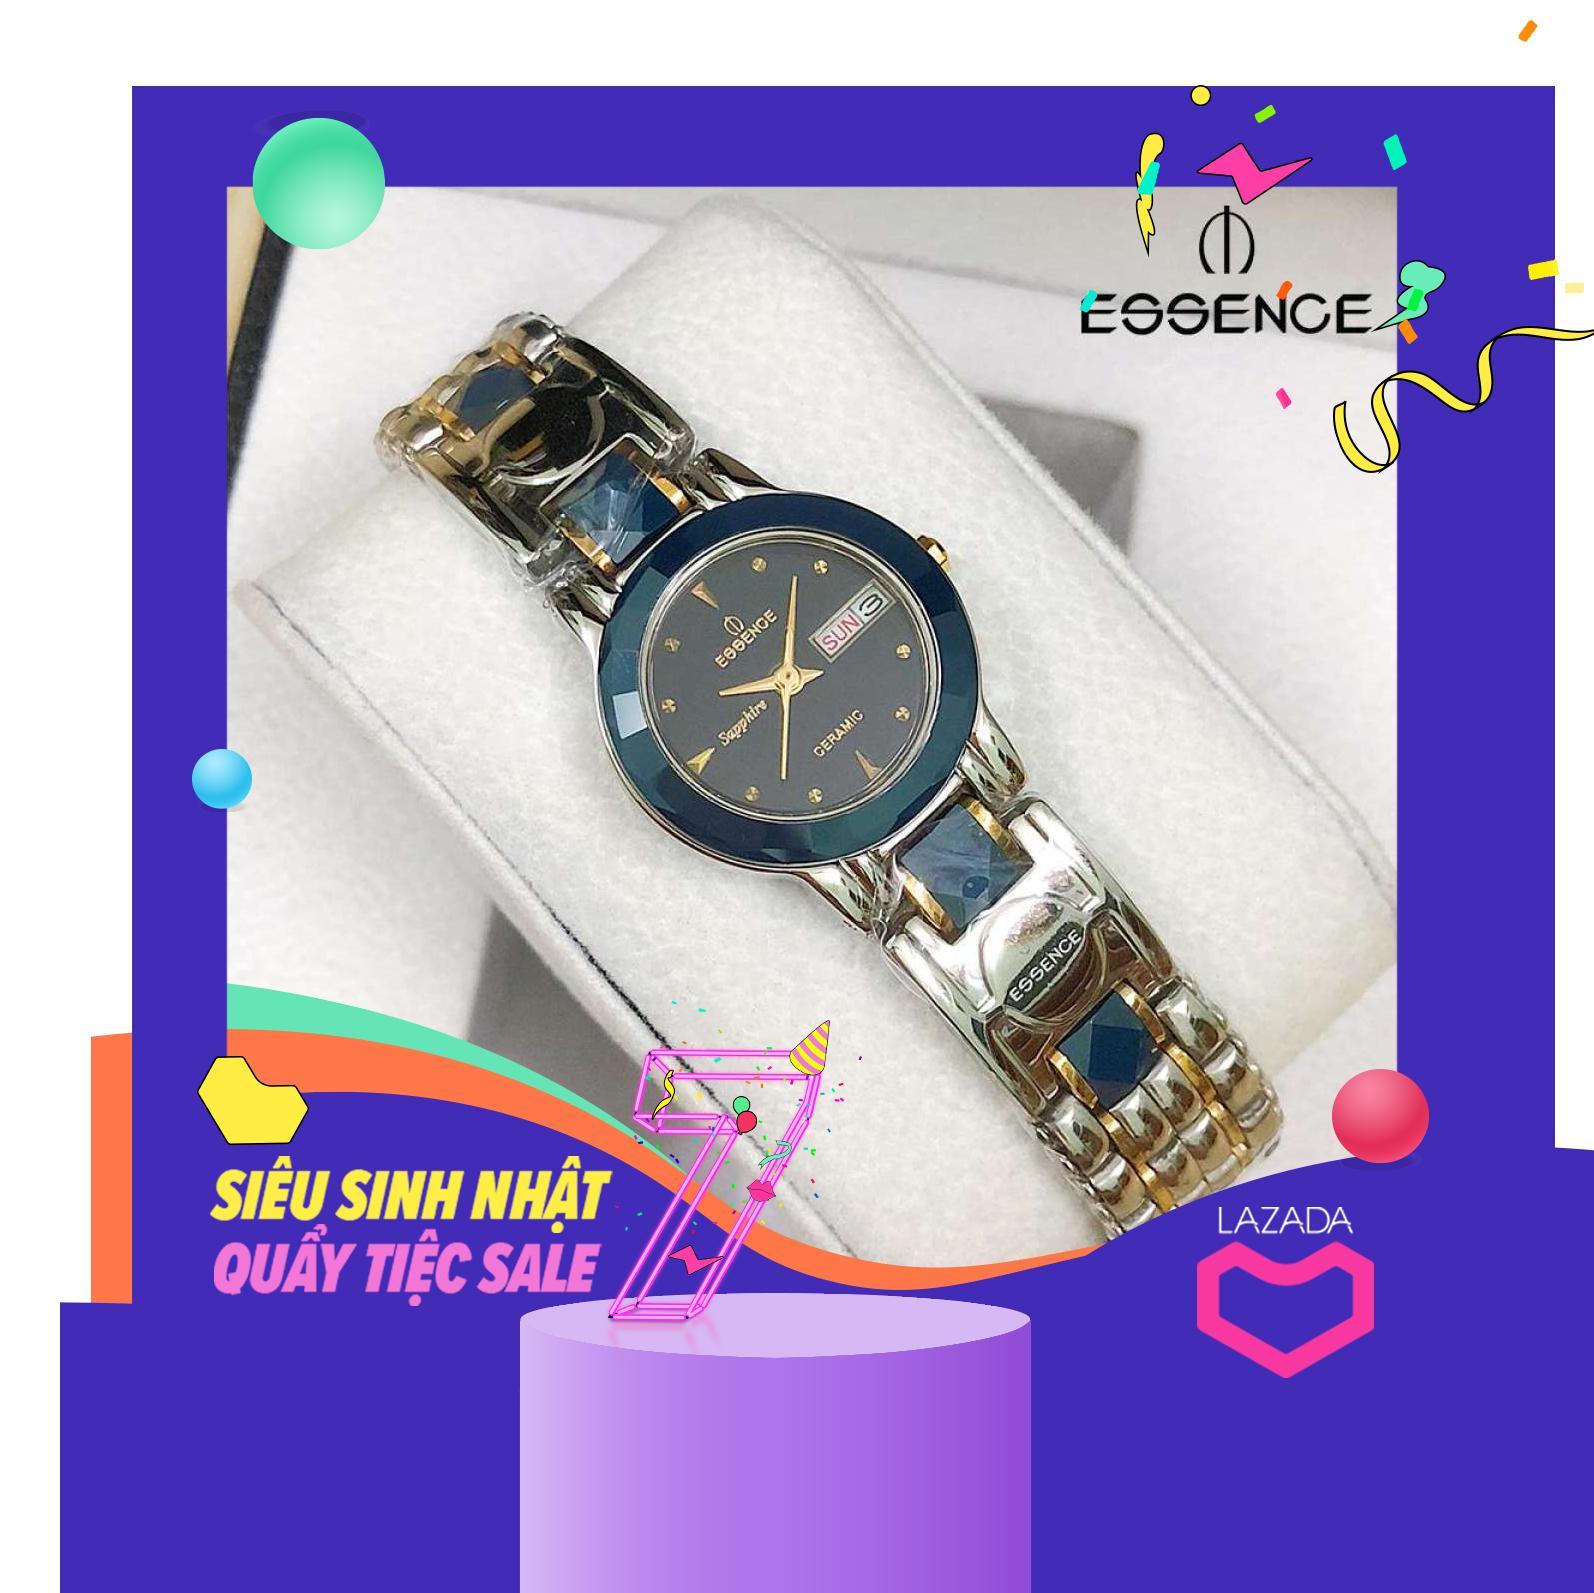 Nơi bán [Tặng pin] Đồng hồ Essence nữ trắng đá xanh (Kính saphire, chống nước, bảo hành 12 tháng)